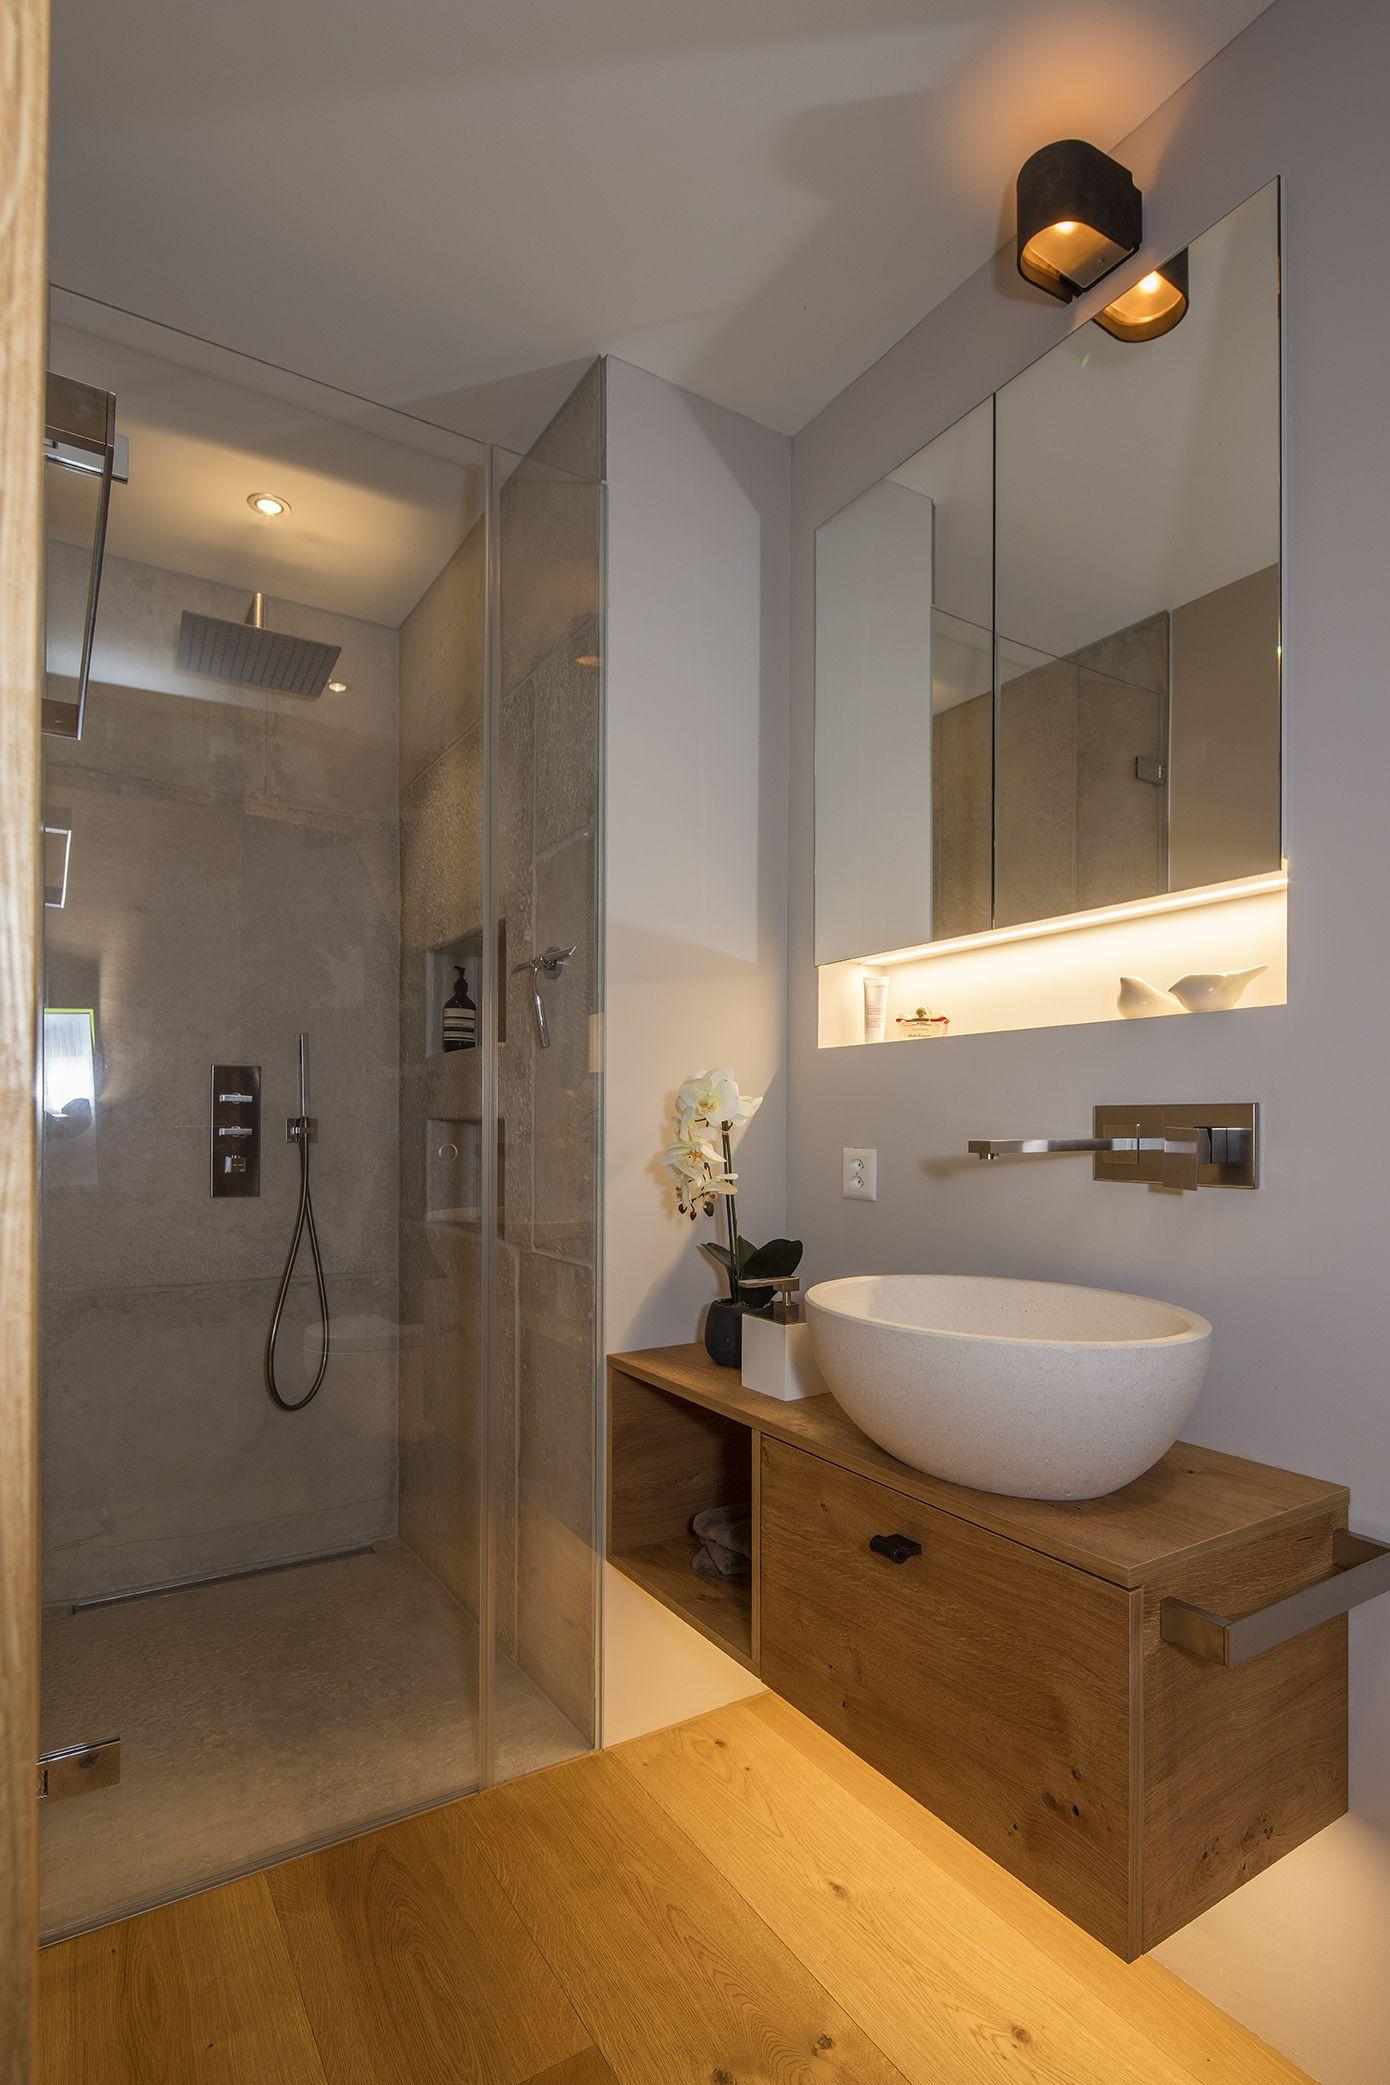 Ein Eindruckliches Hochwertig Und Modern Gestaltetes Badezimmer In Einem Exklusiven Chalet In Den Schweizer Alpen Wohnen Altholz Einrichtung Badezimmerideen